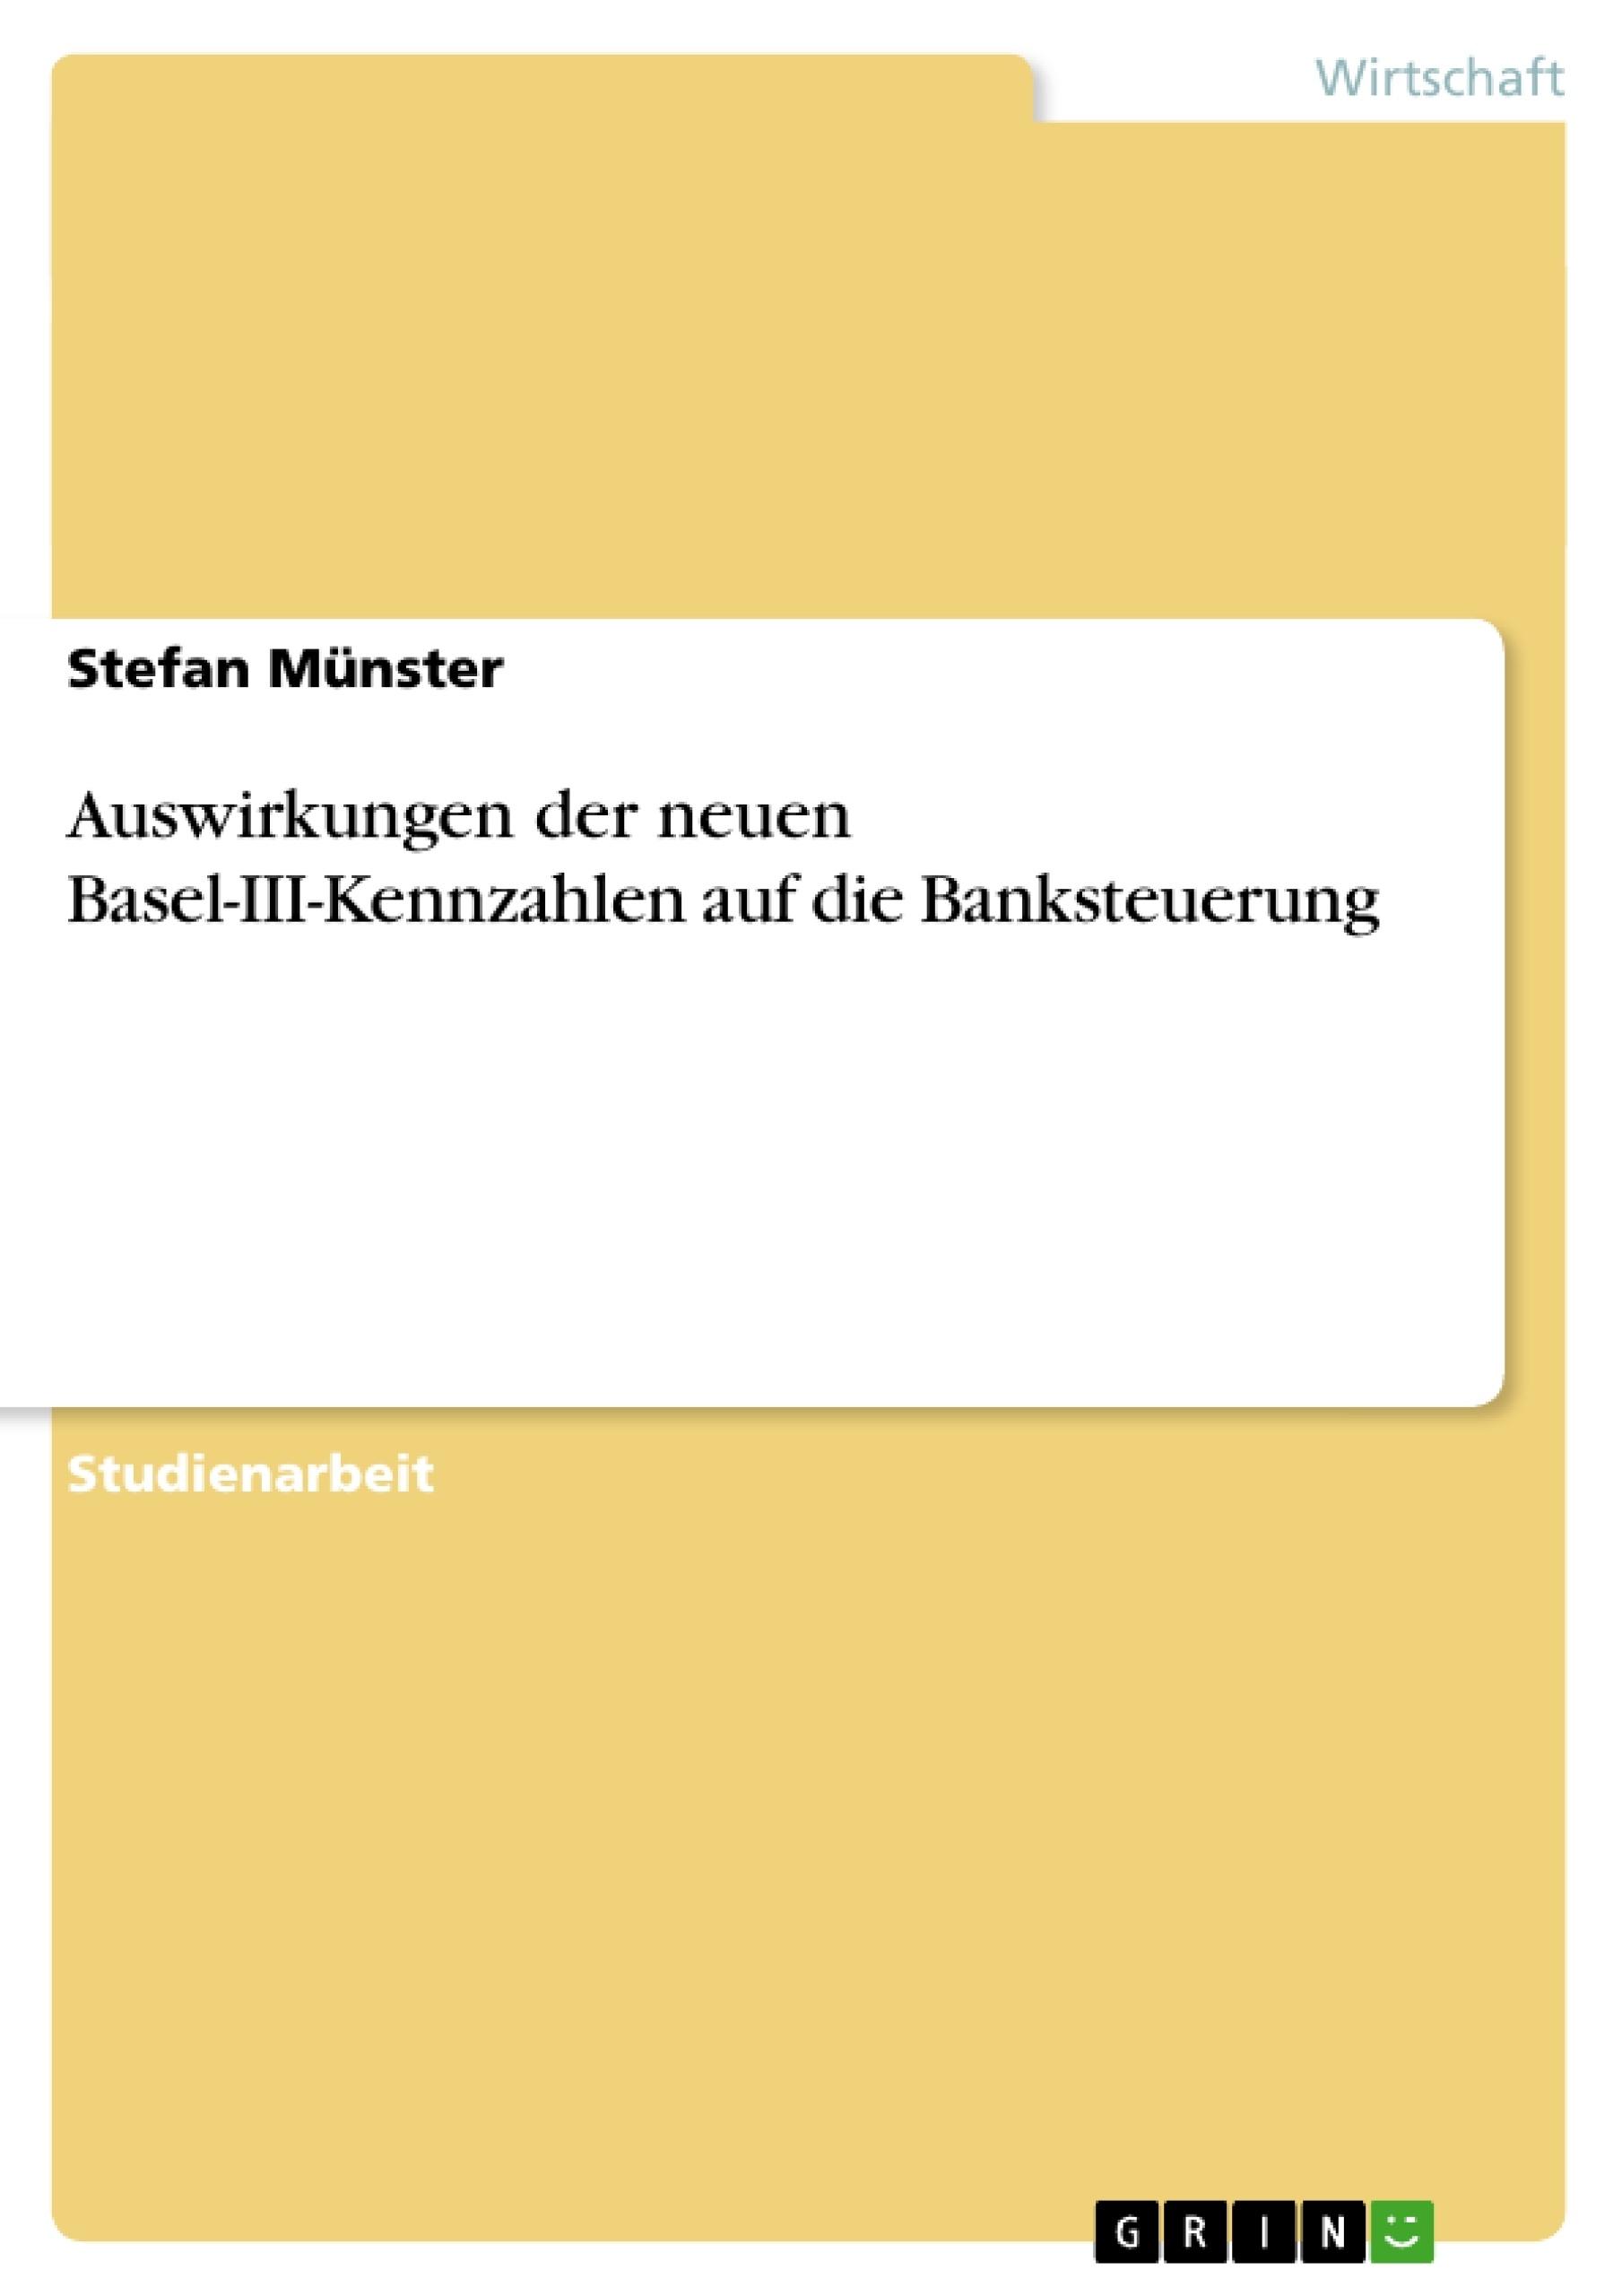 Titel: Auswirkungen der neuen Basel-III-Kennzahlen auf die Banksteuerung